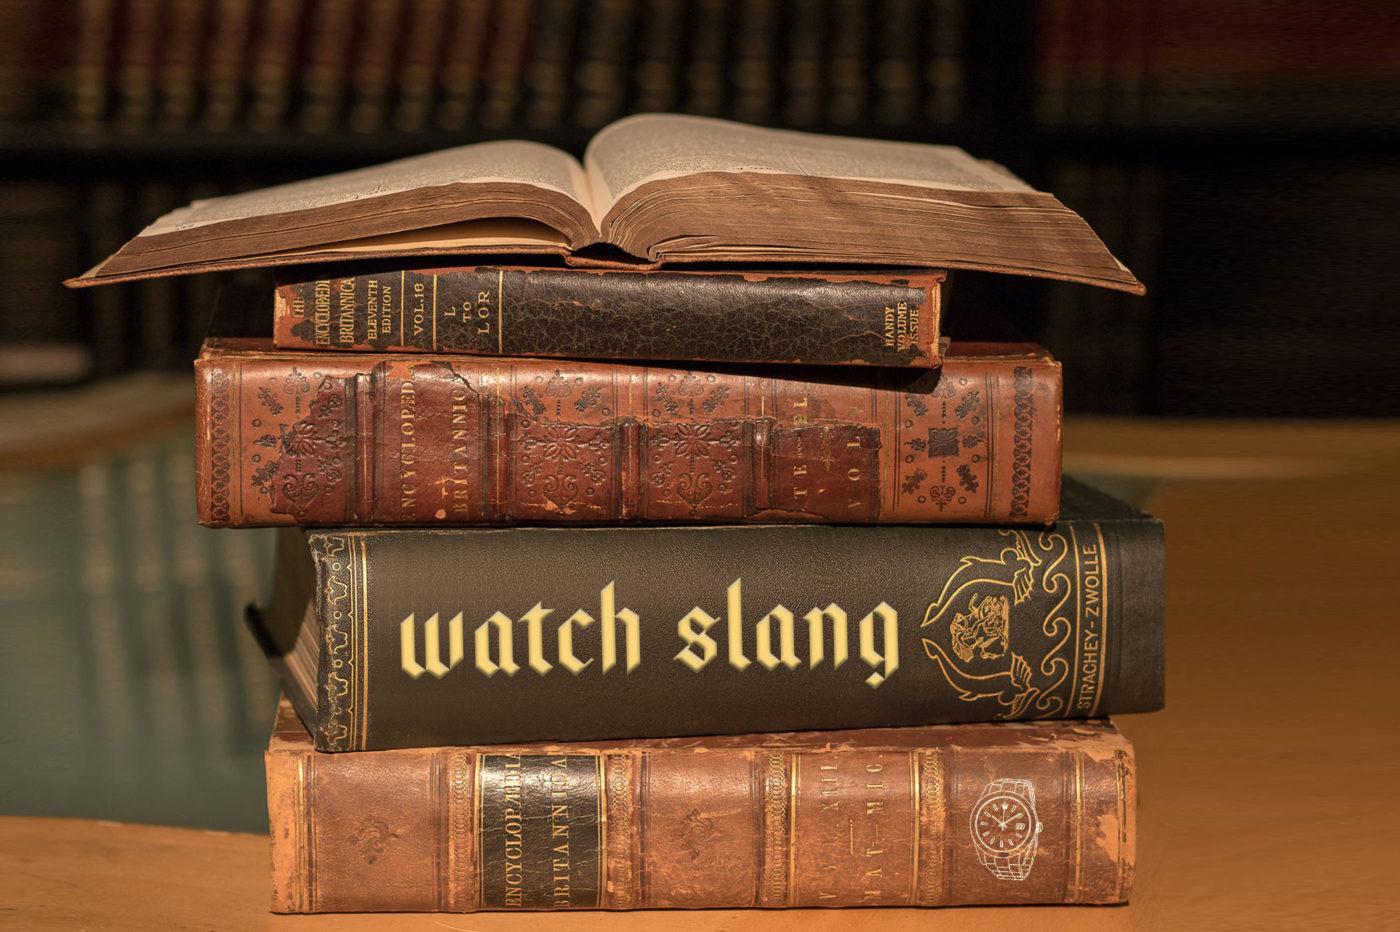 Timebloid Watch Slang aka how to talk in a watch freak jargon